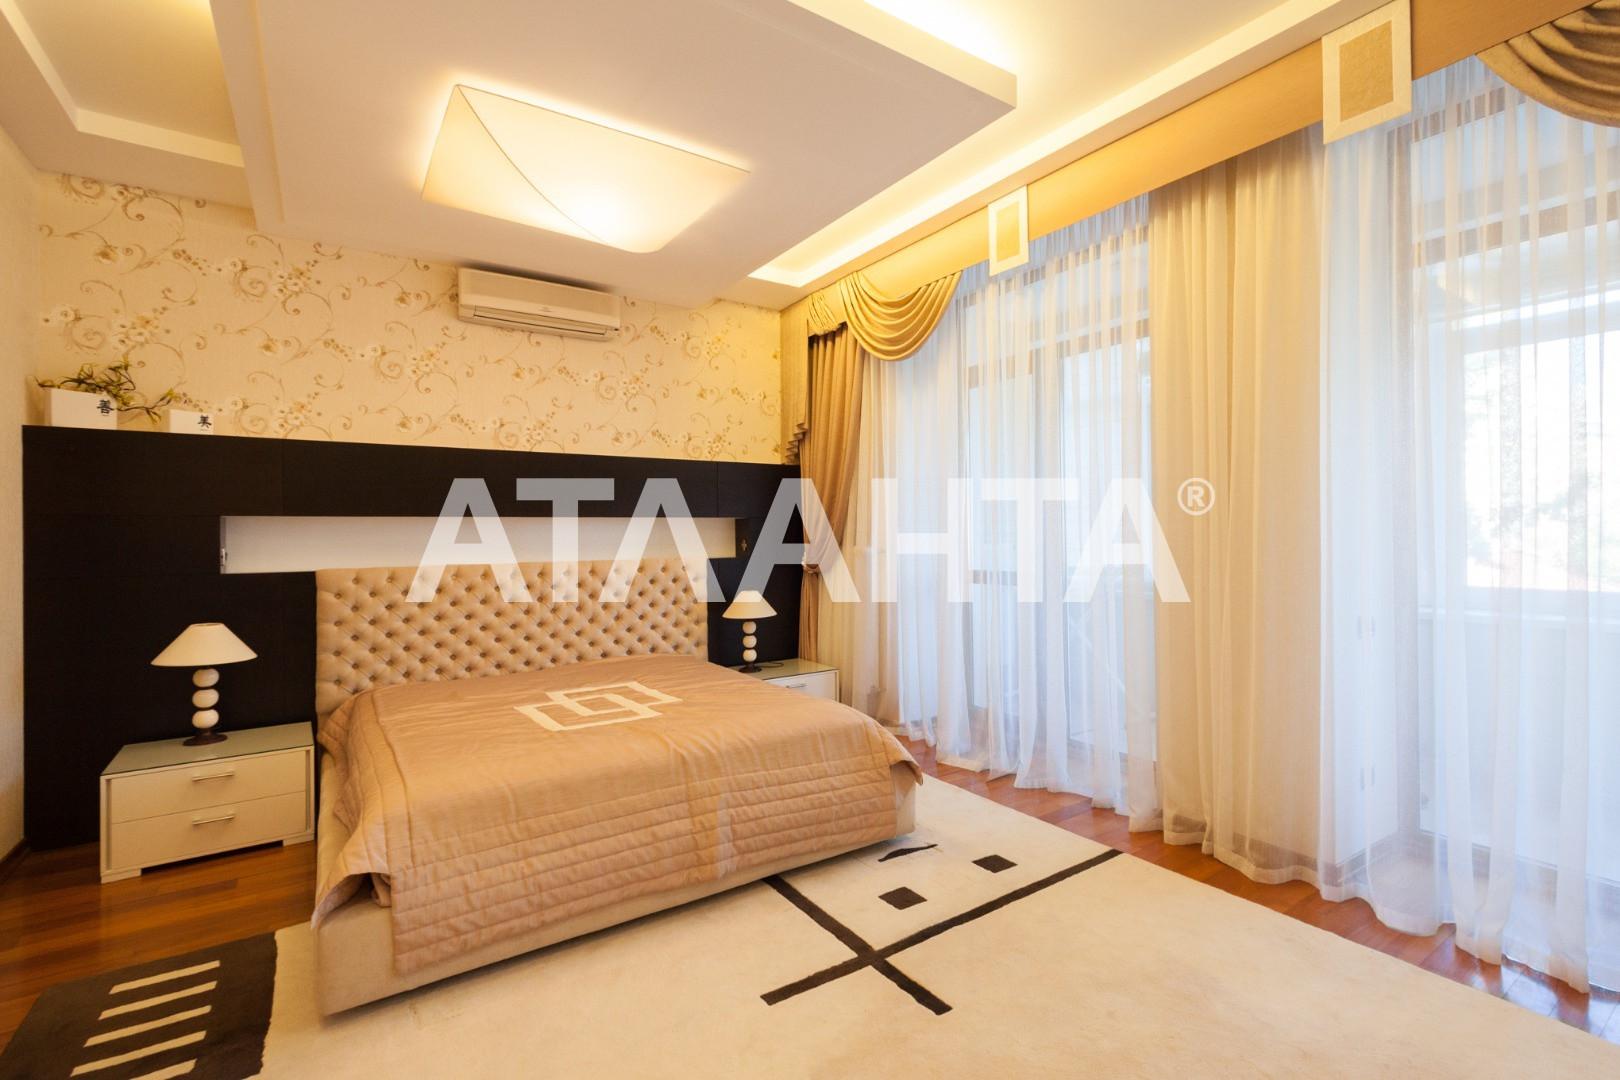 Продается 3-комнатная Квартира на ул. Педагогический Пер. — 230 000 у.е. (фото №7)